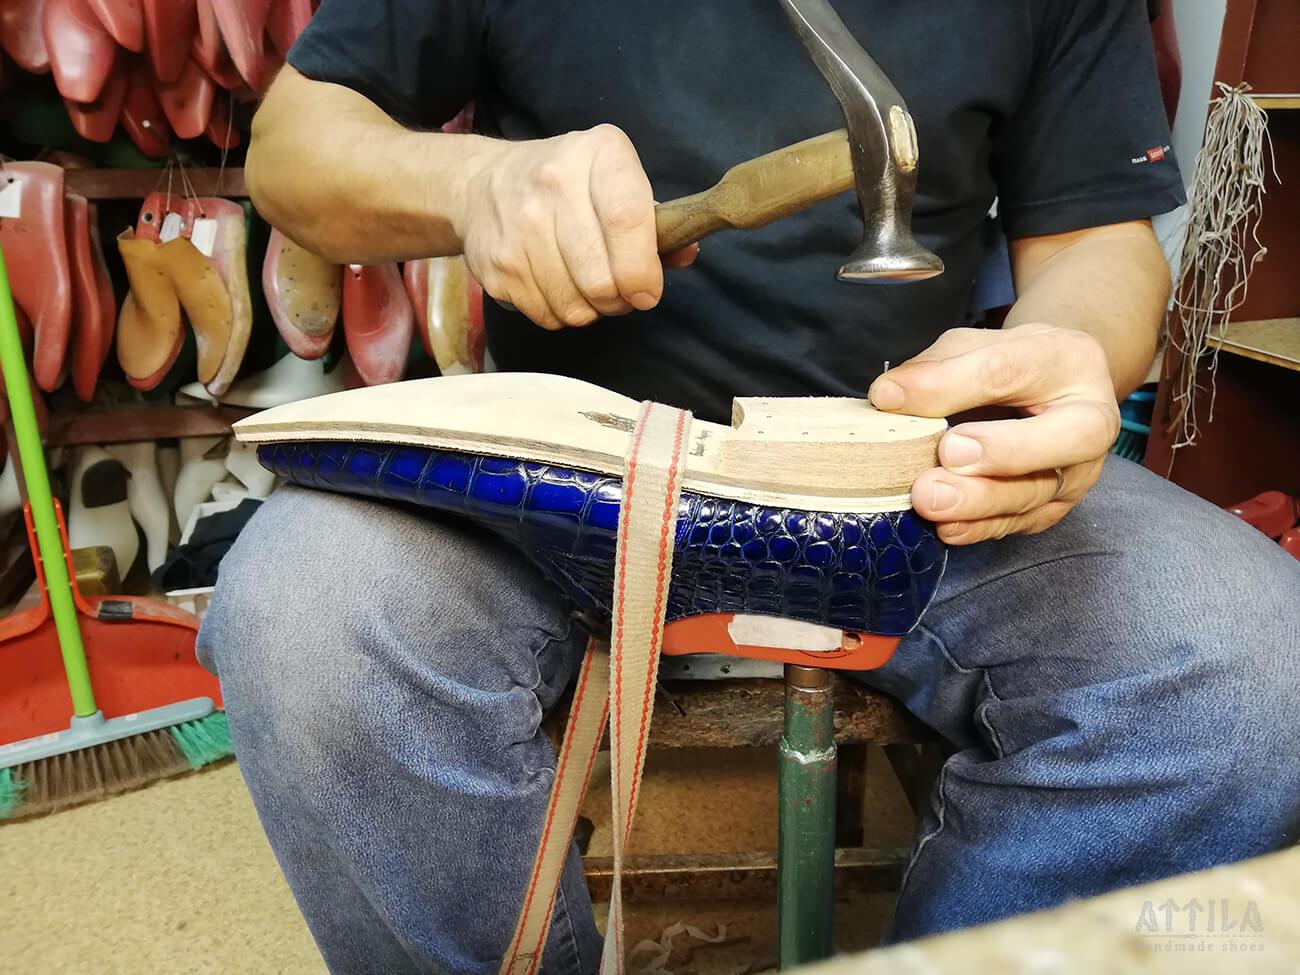 13. Saroképítés / Shoe heel construction